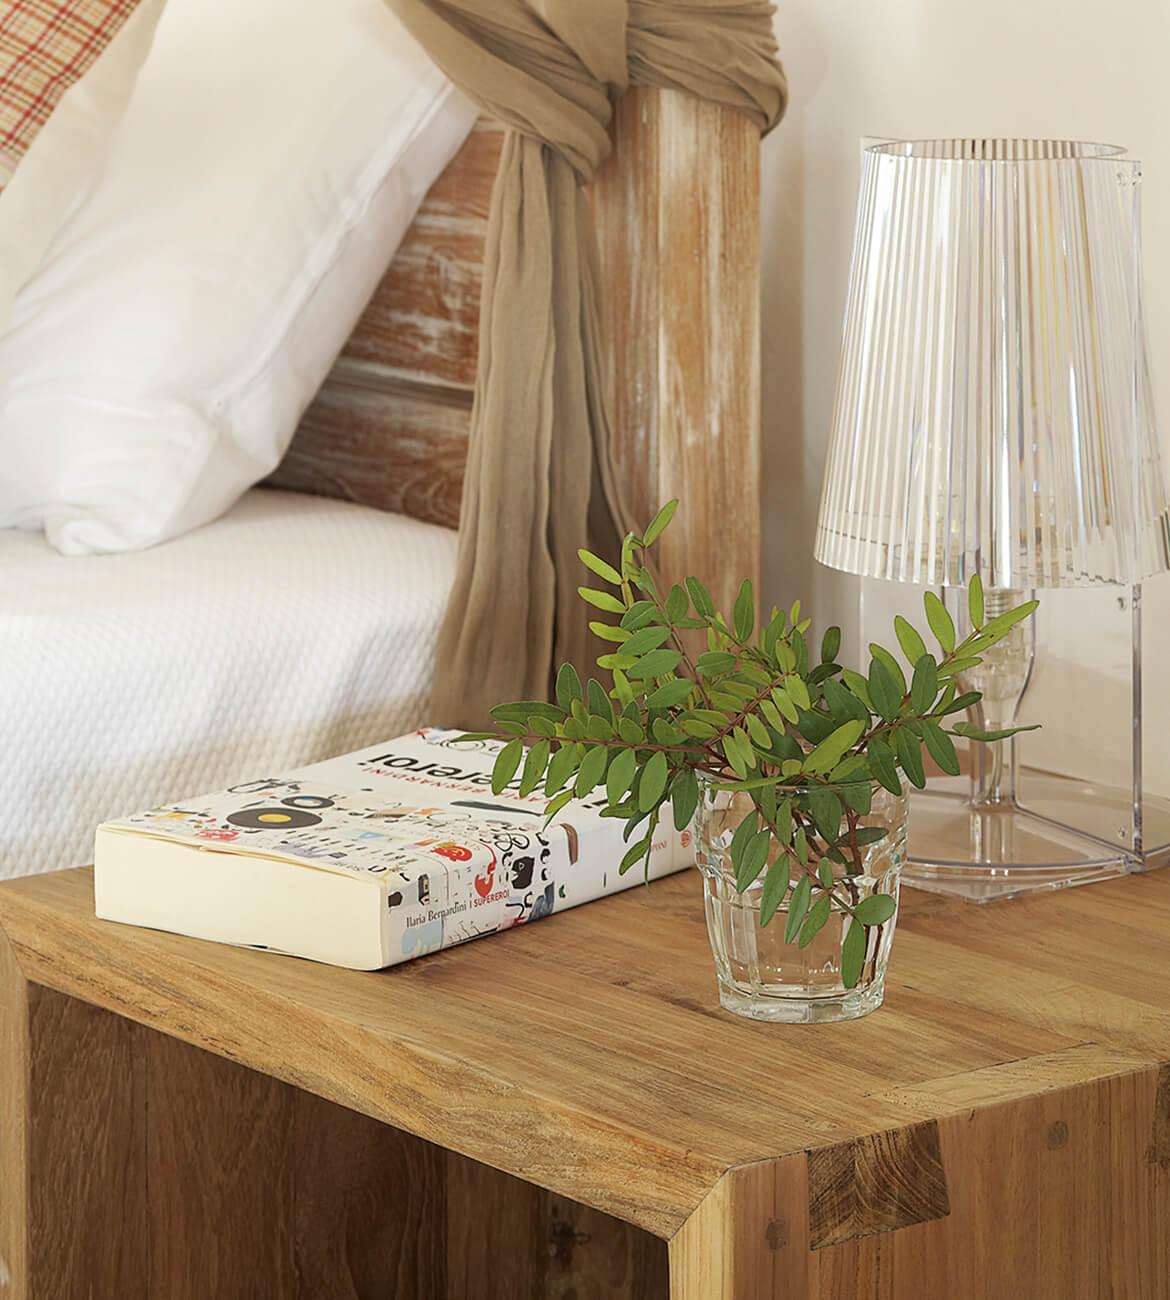 Catalina House-interiorismo Casa Es Cap Daisi. Dormitorio cama dosel. Detalle mesilla